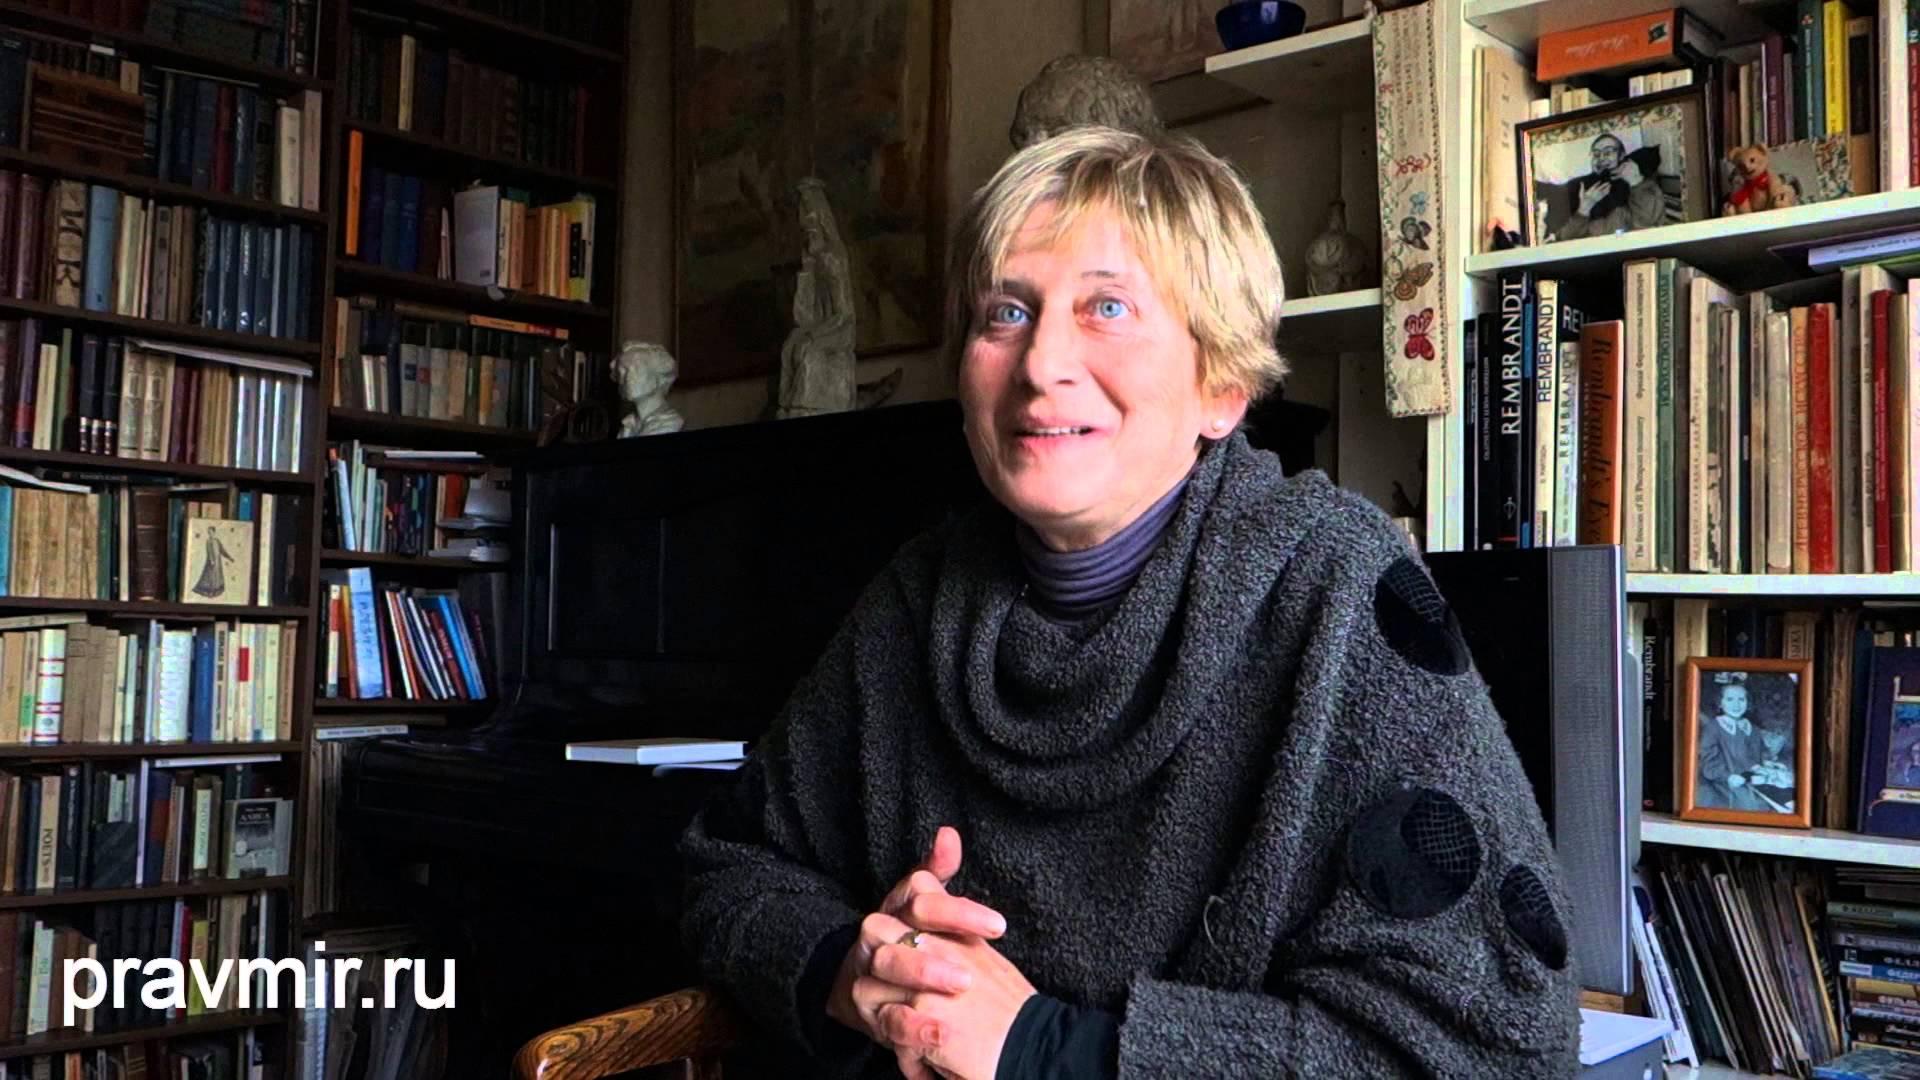 Ольга Седакова: Этика шпаны, низов, изгоев общества становится практически